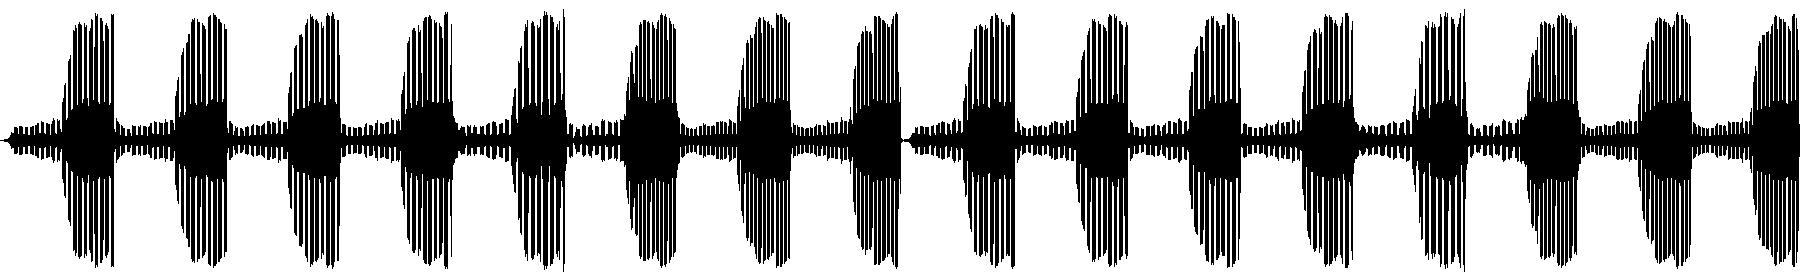 ehu basslp 125 009 f